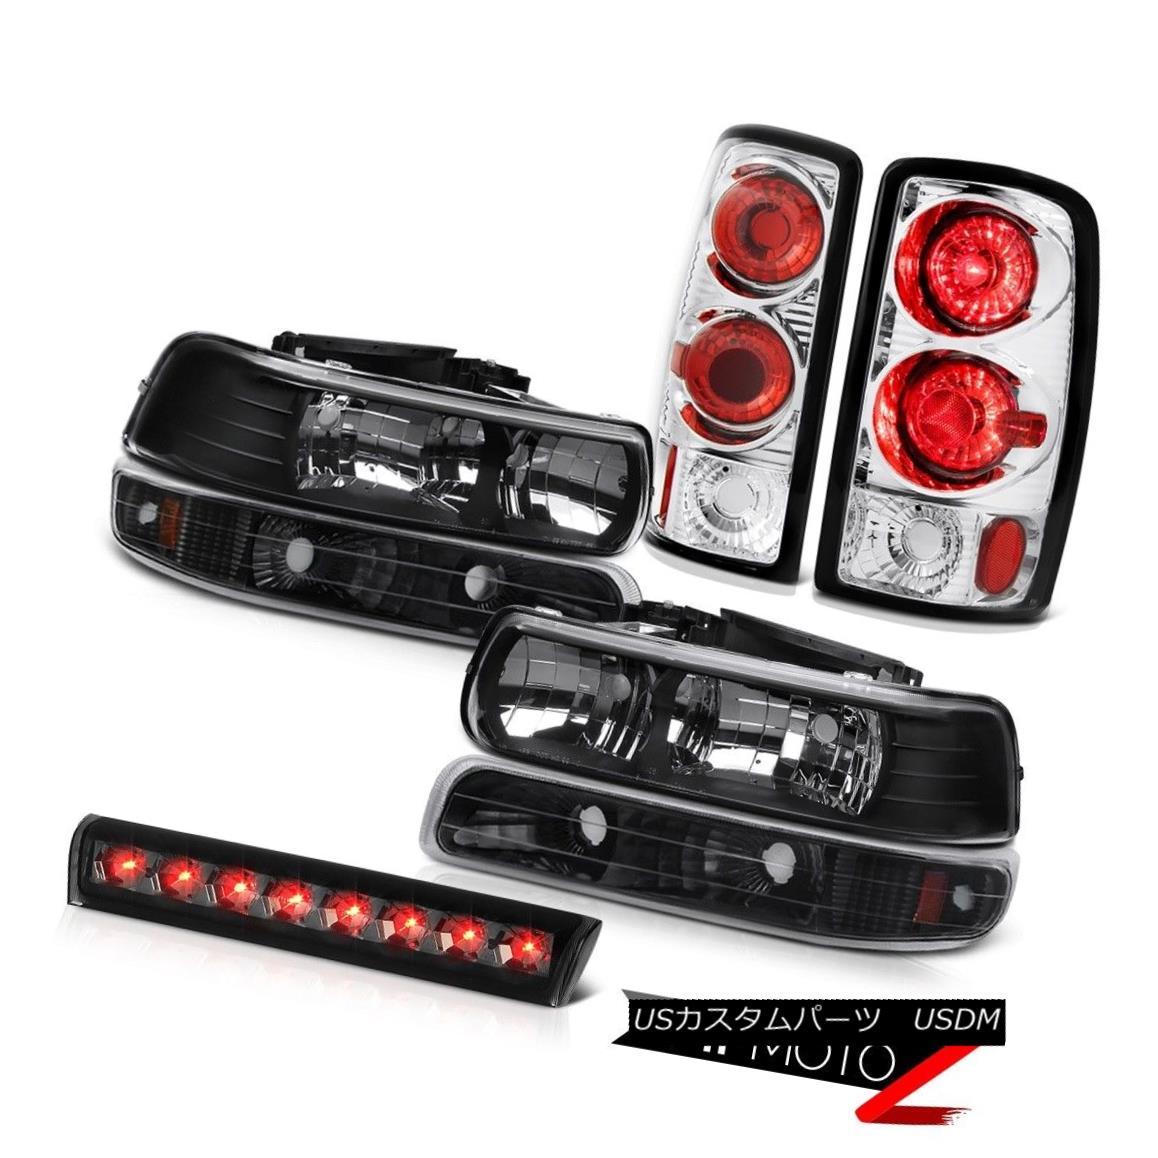 ヘッドライト 00 01 02 03 04 05 06 Chevy Tahoe Black Headlamps Onyx Bumper Lights Third Brake 00 01 02 03 04 05 06シェビータホブラックヘッドランプオニキスバンパーライトサードブレーキ